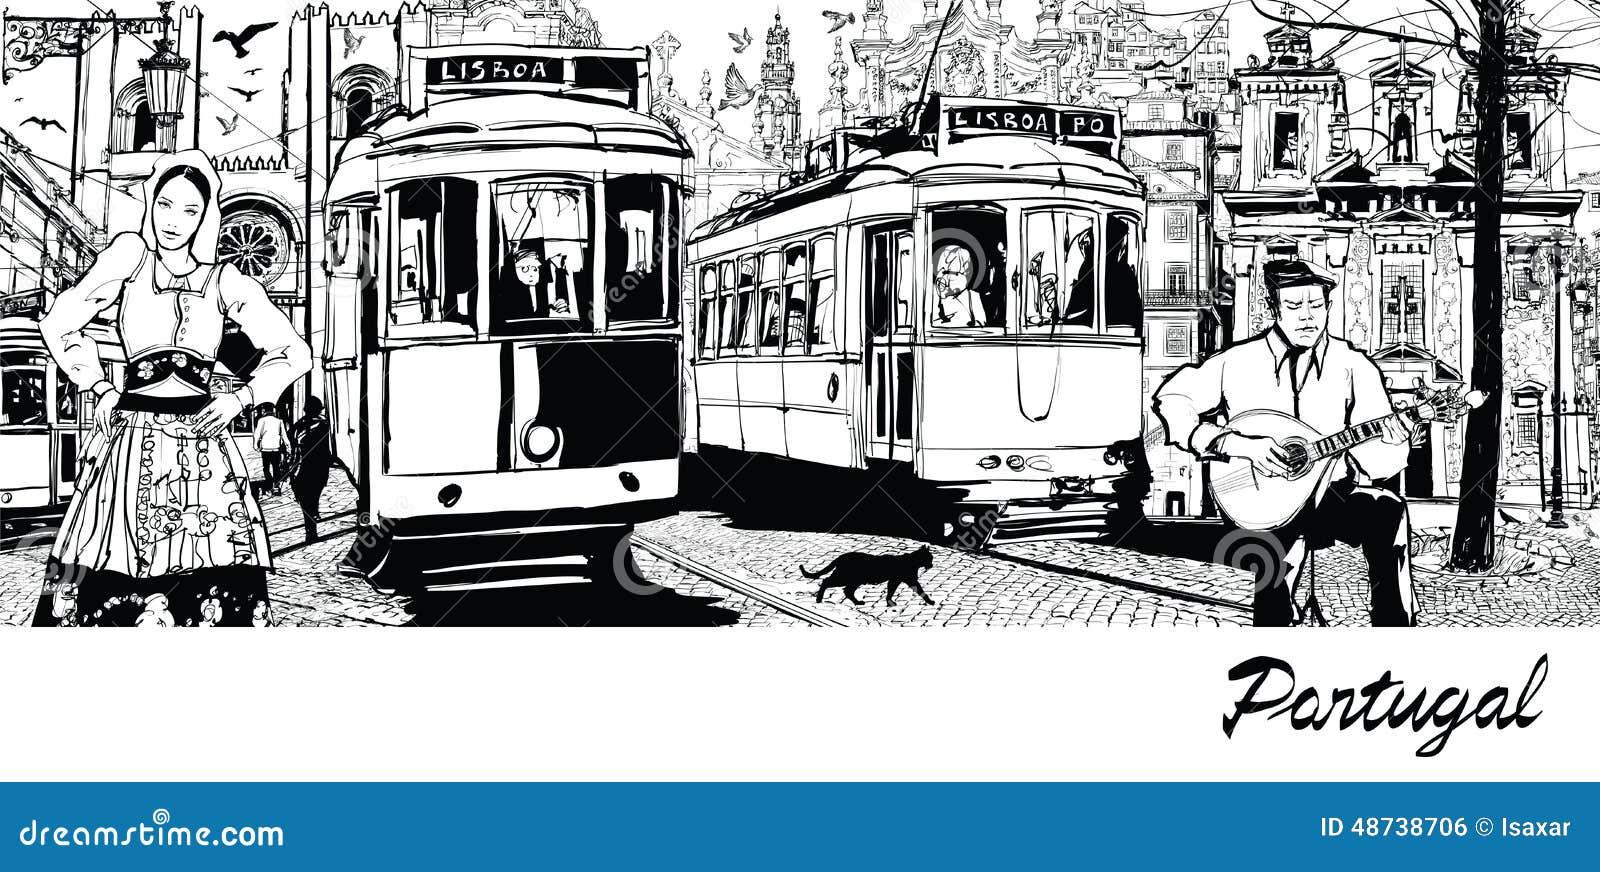 Πορτογαλία - σύνθεση στην πόλη της Λισσαβώνας